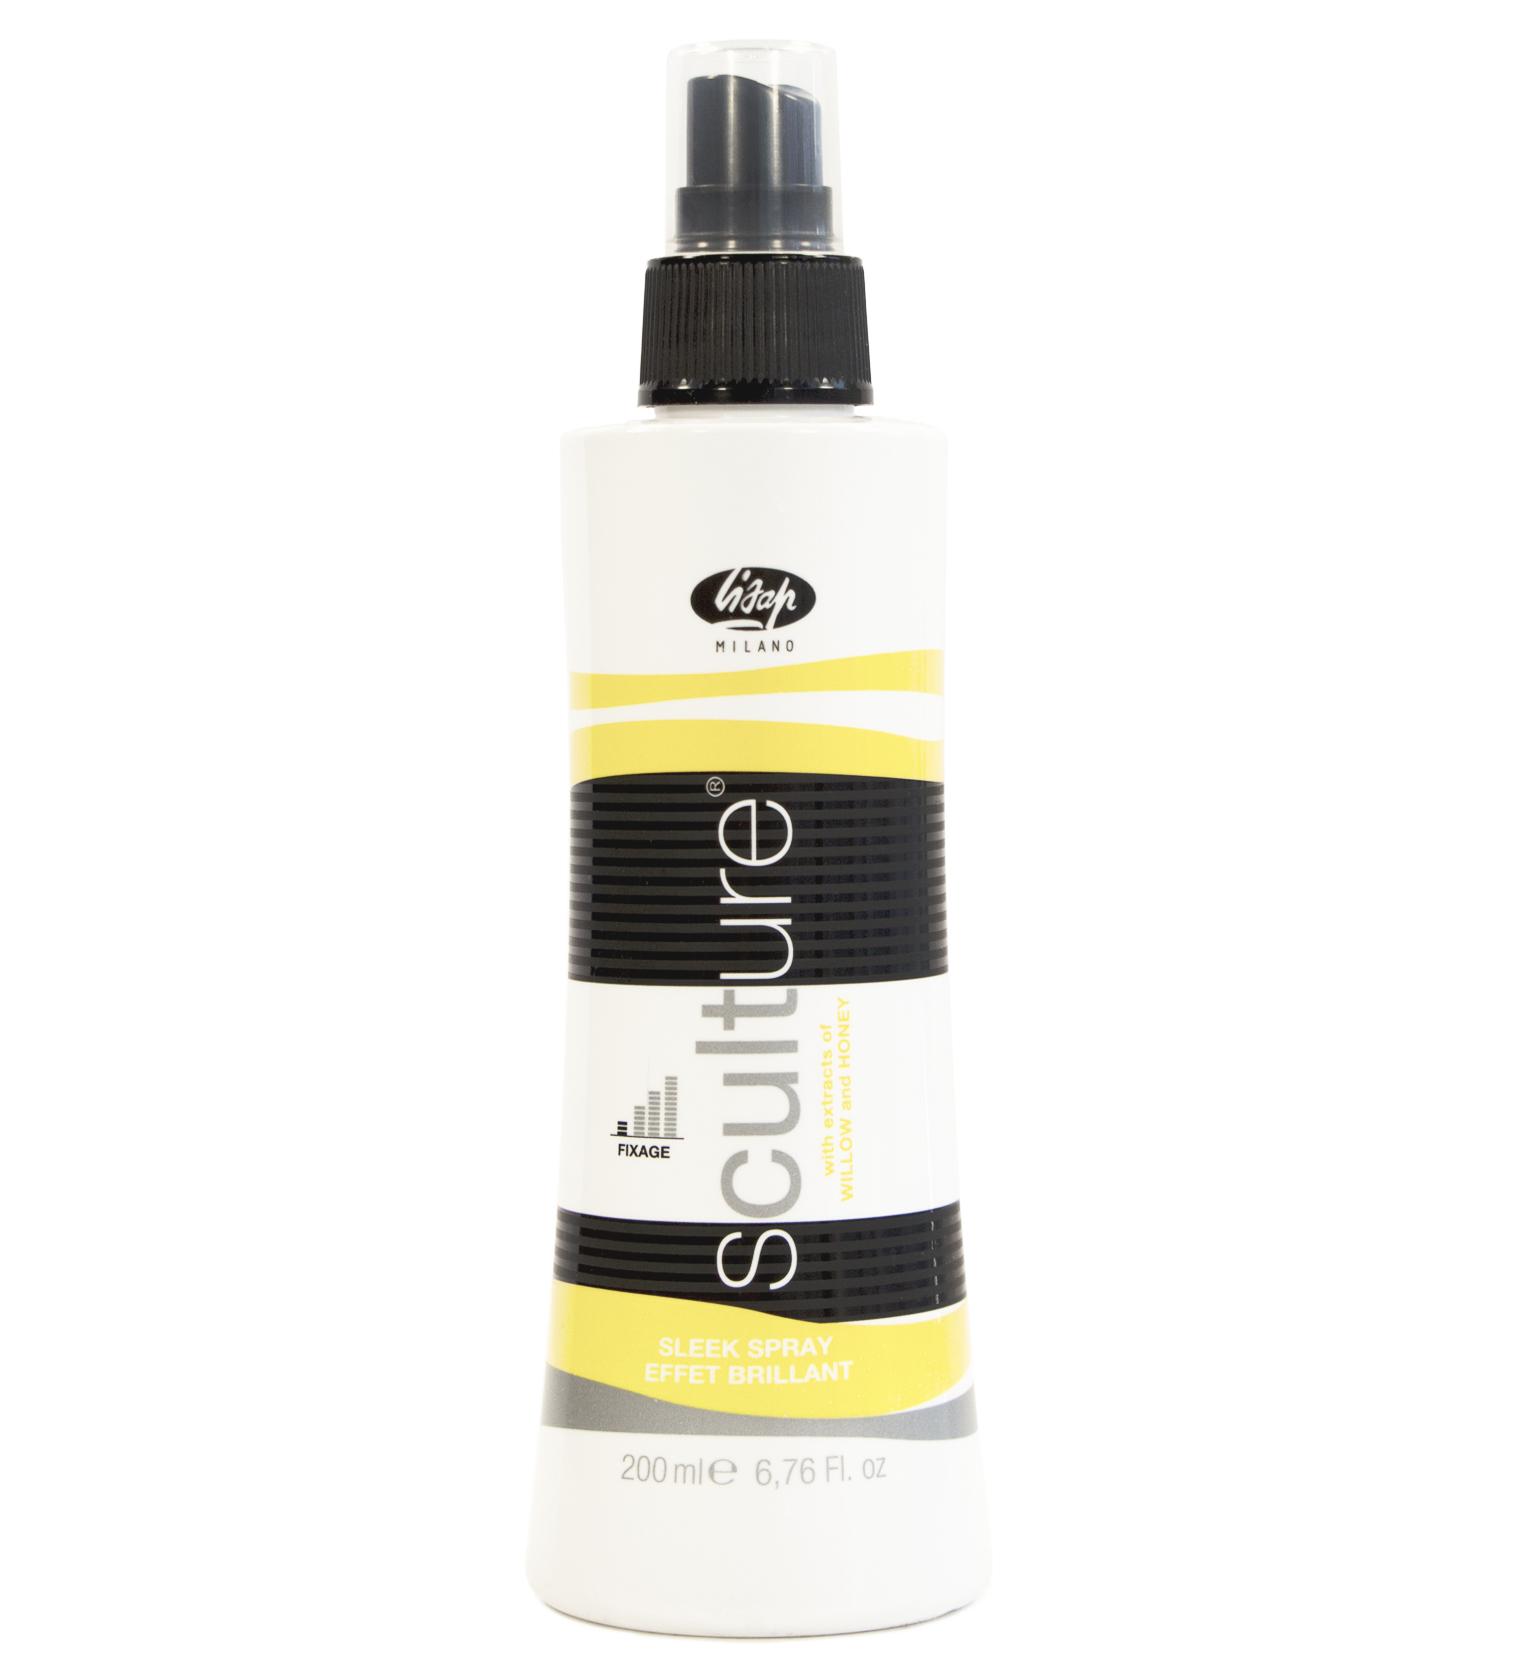 купить Lisap Спрей-Блеск для Волос Эластичной Фиксации Sculture Sleek Spray, 200 мл онлайн